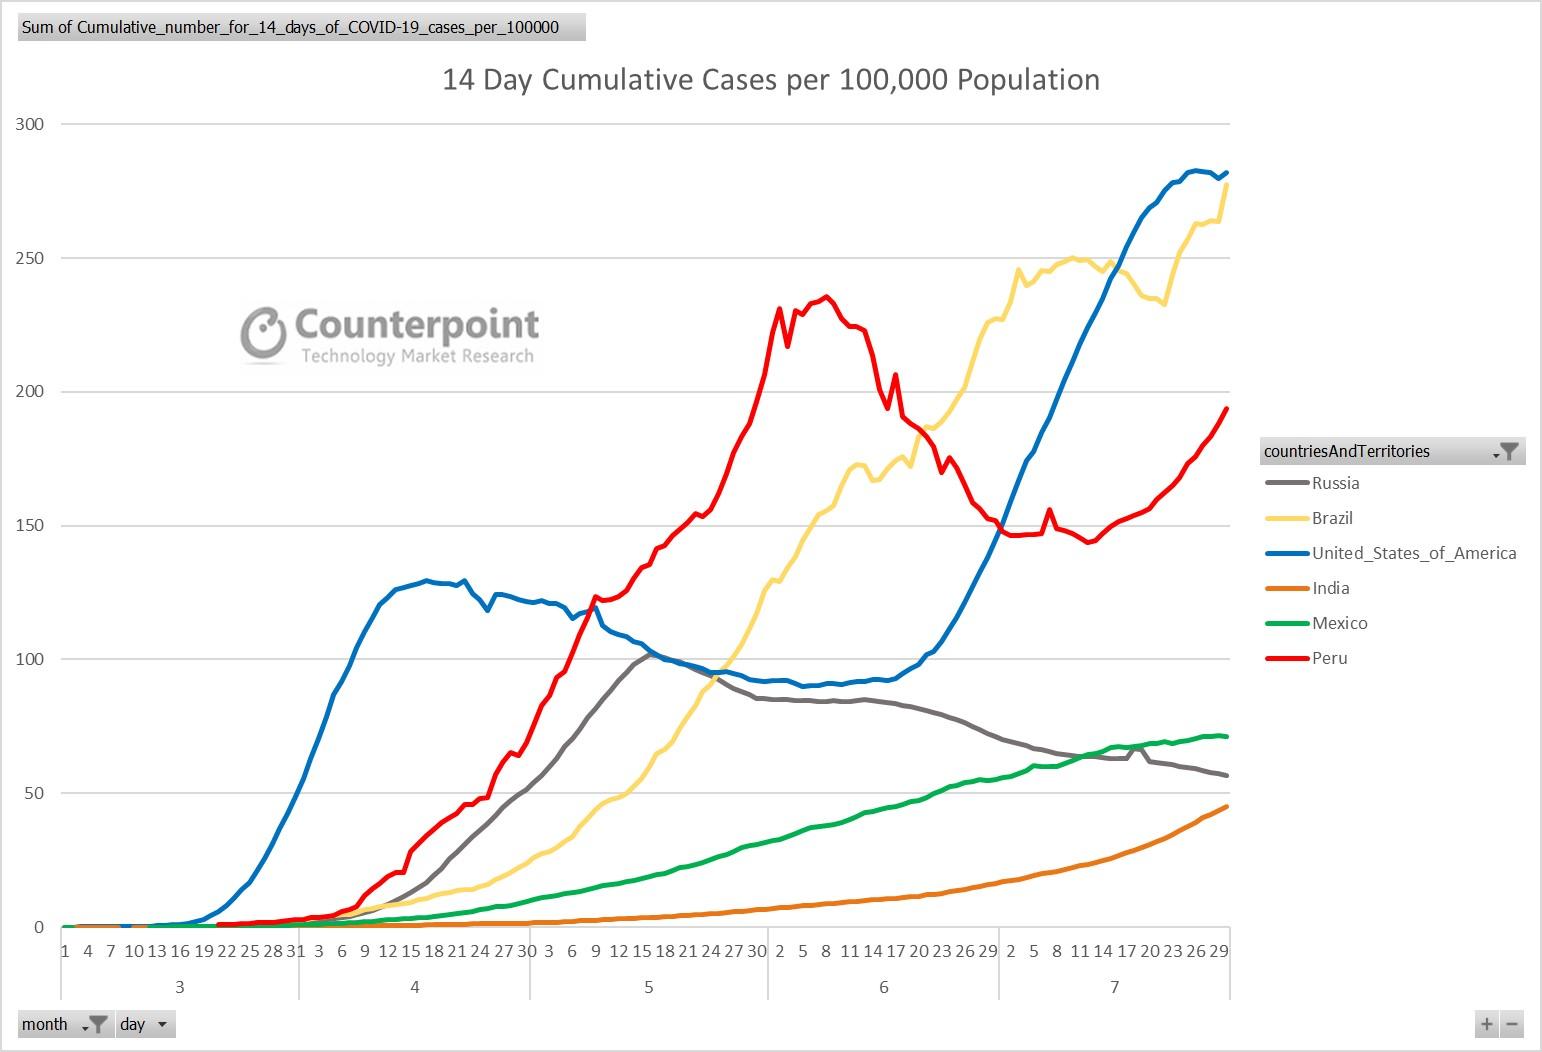 14 Day Cumulative Cases per 100000 population - COVID19 Update - Week 31